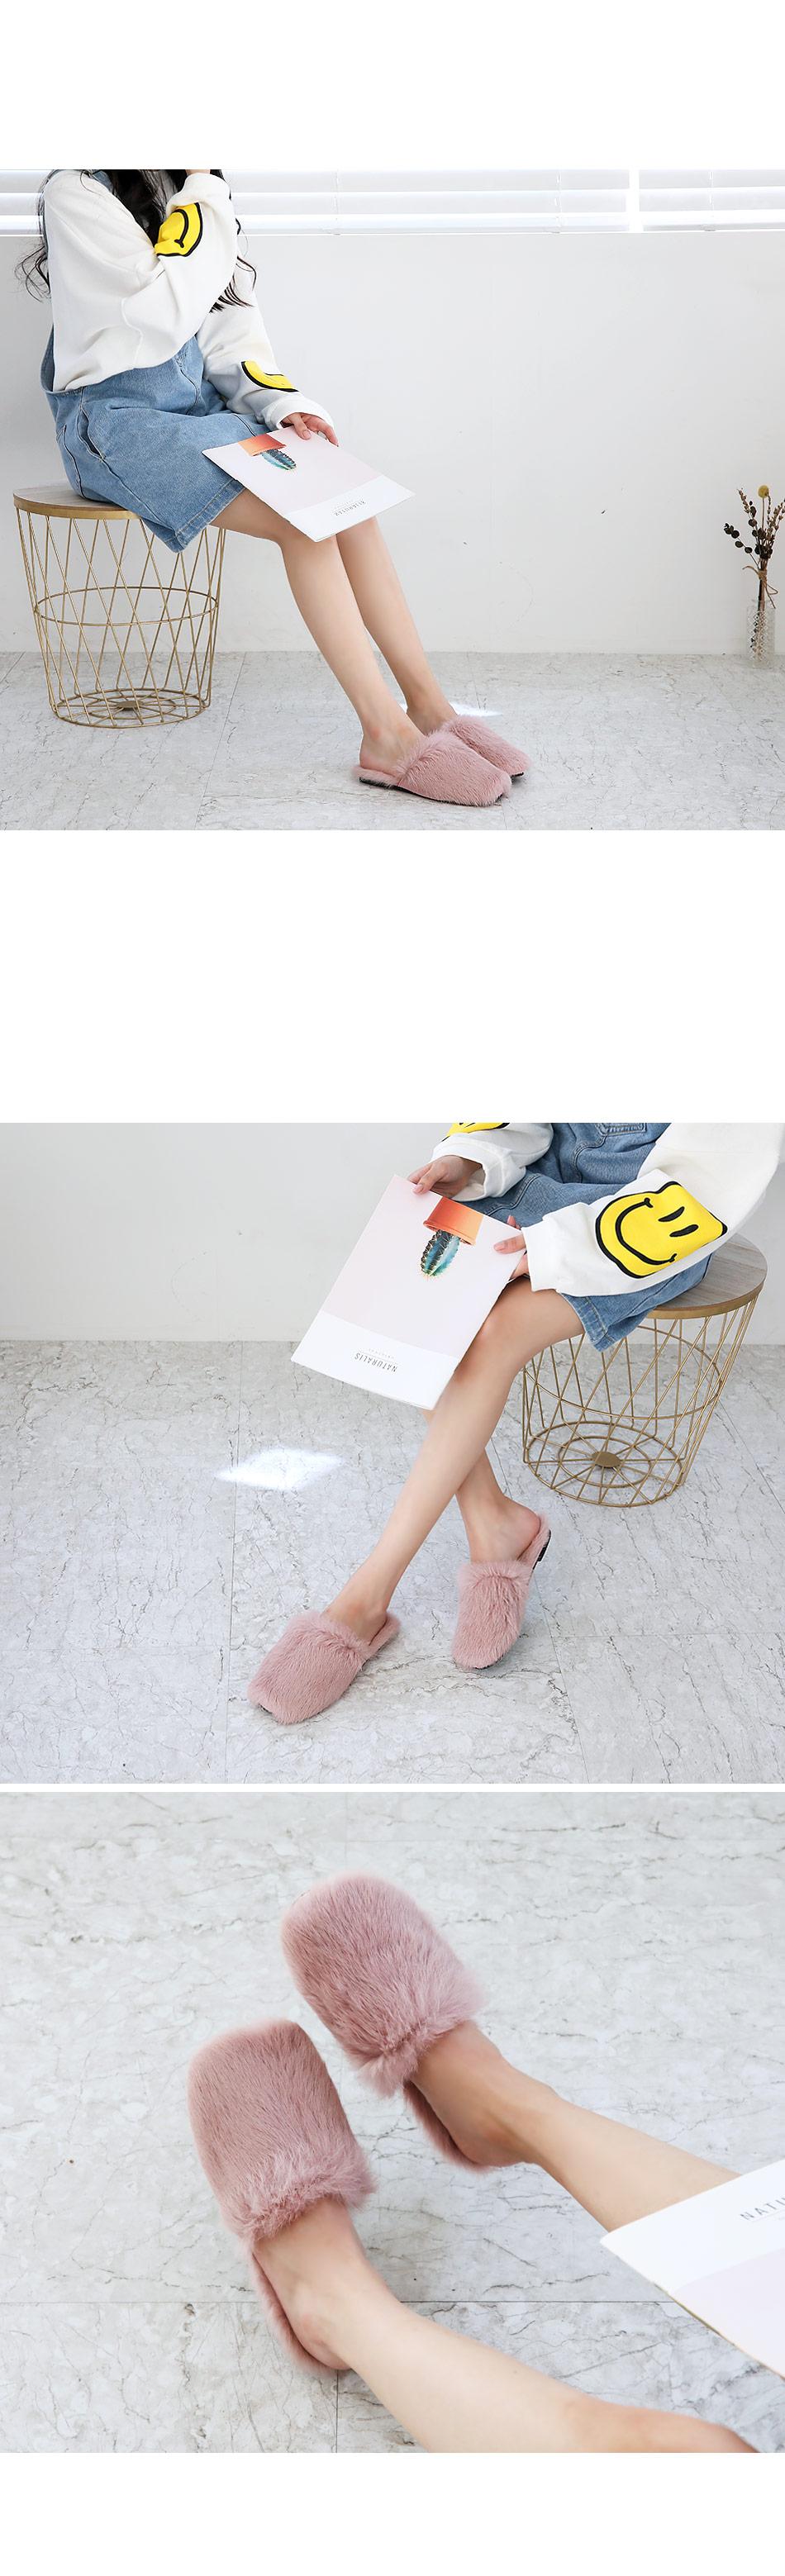 Collia fur slippers 1 cm